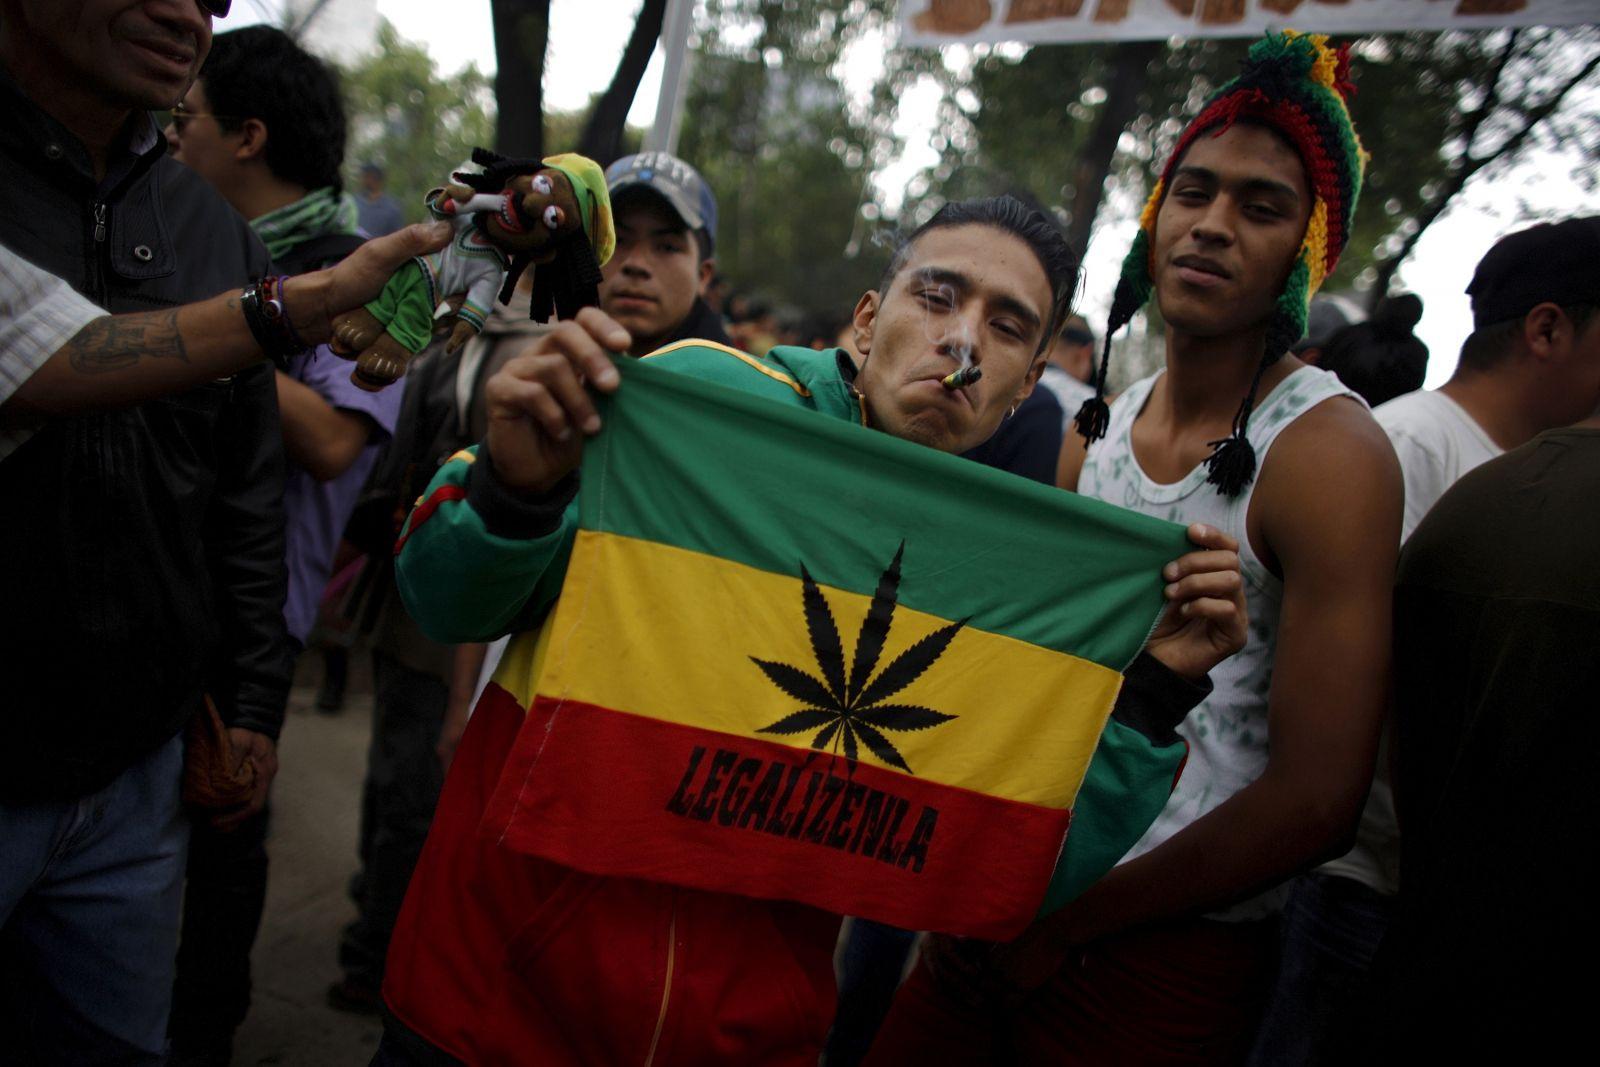 Cannabis slothmarijuana leafpot leaflegalize itslothrelax 2020indicasativa420stoner wearanimals gone wild